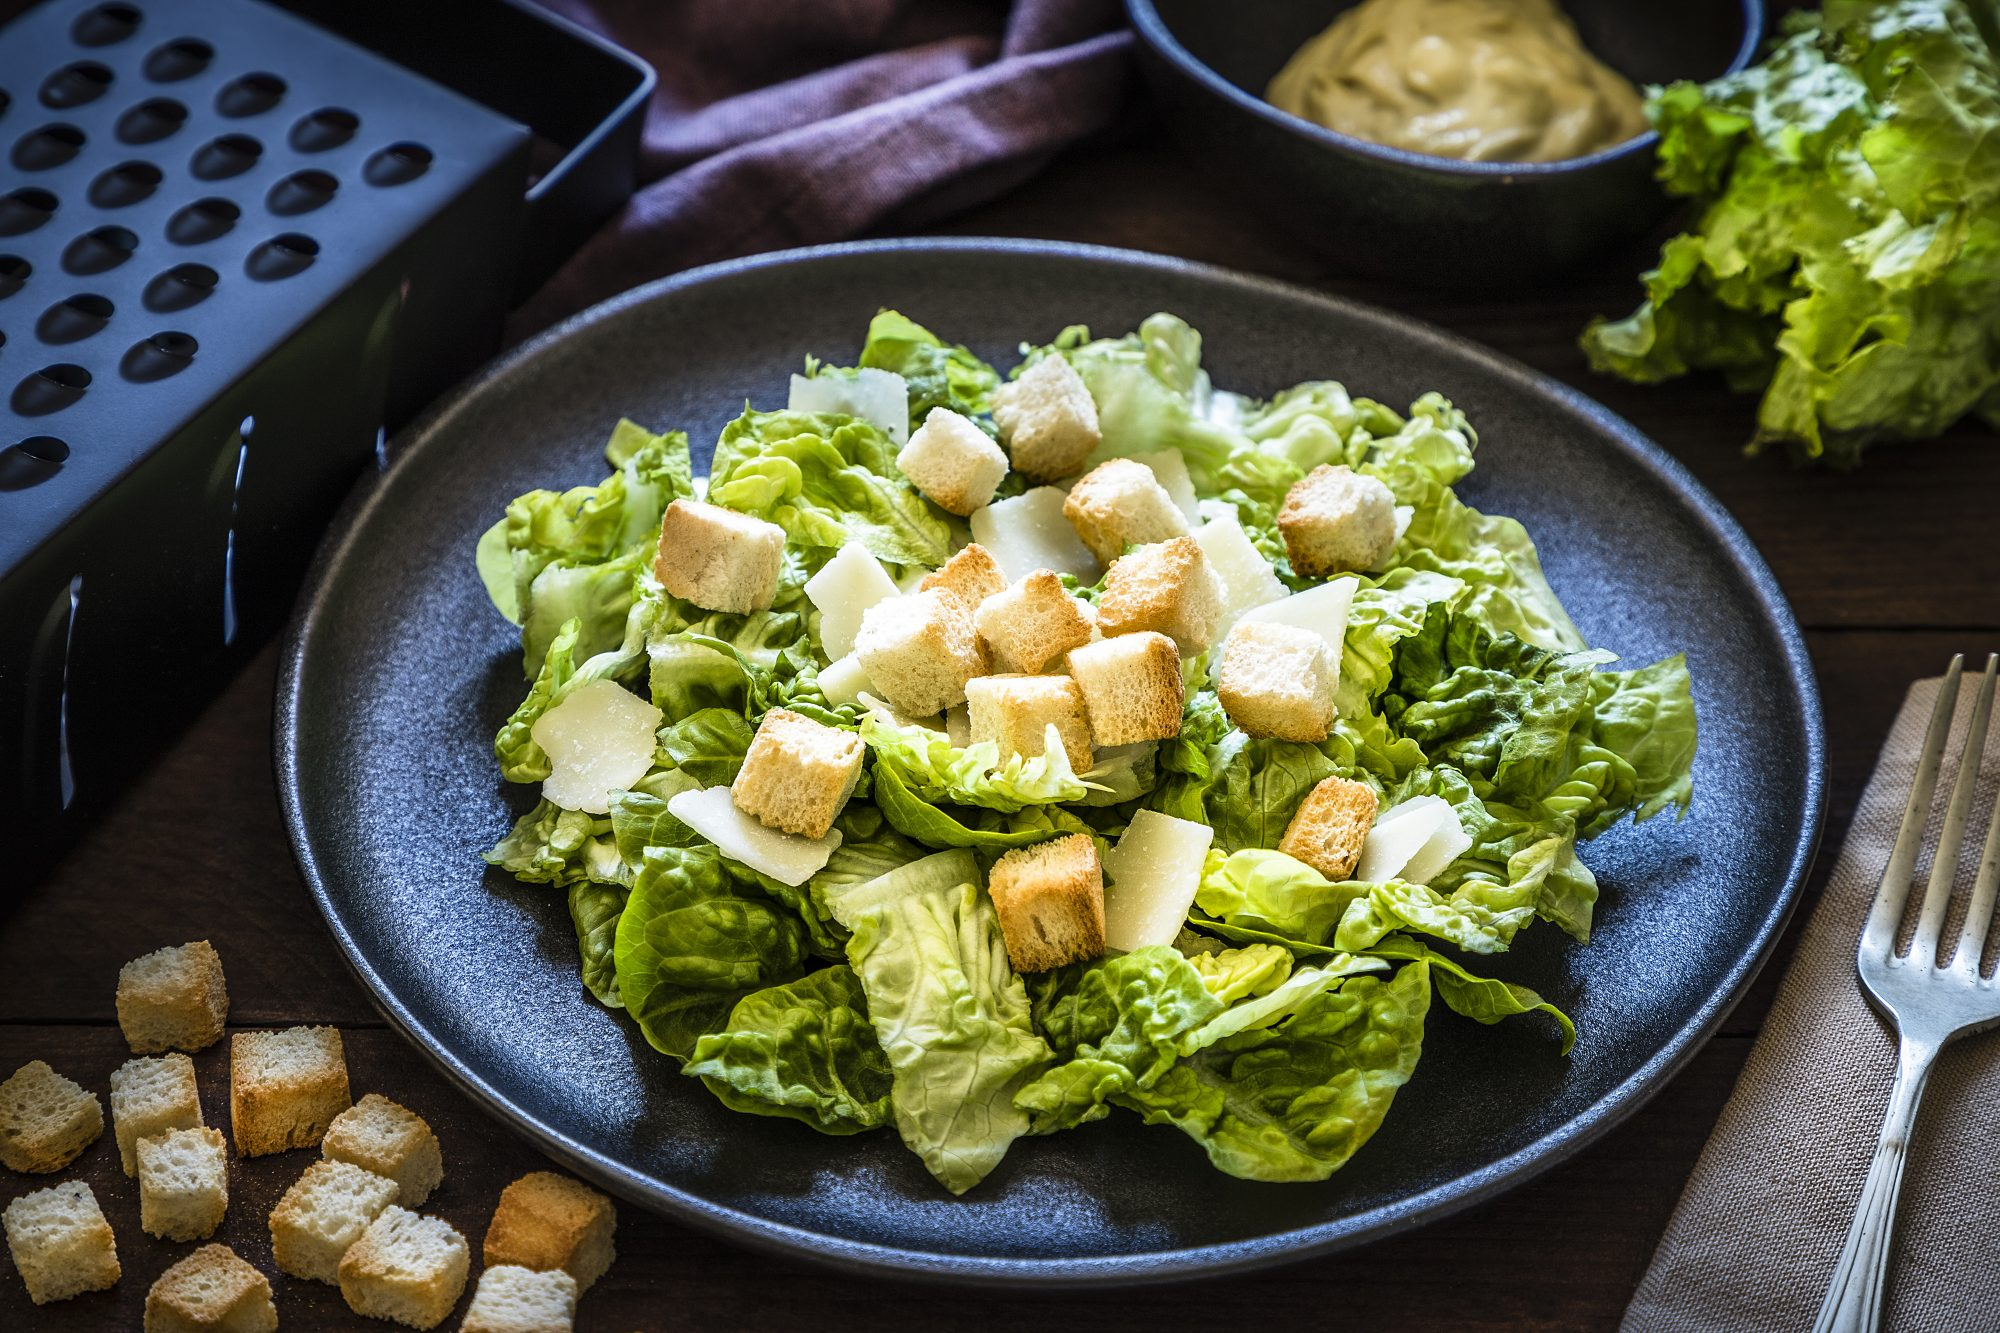 092520_Croutons on salad